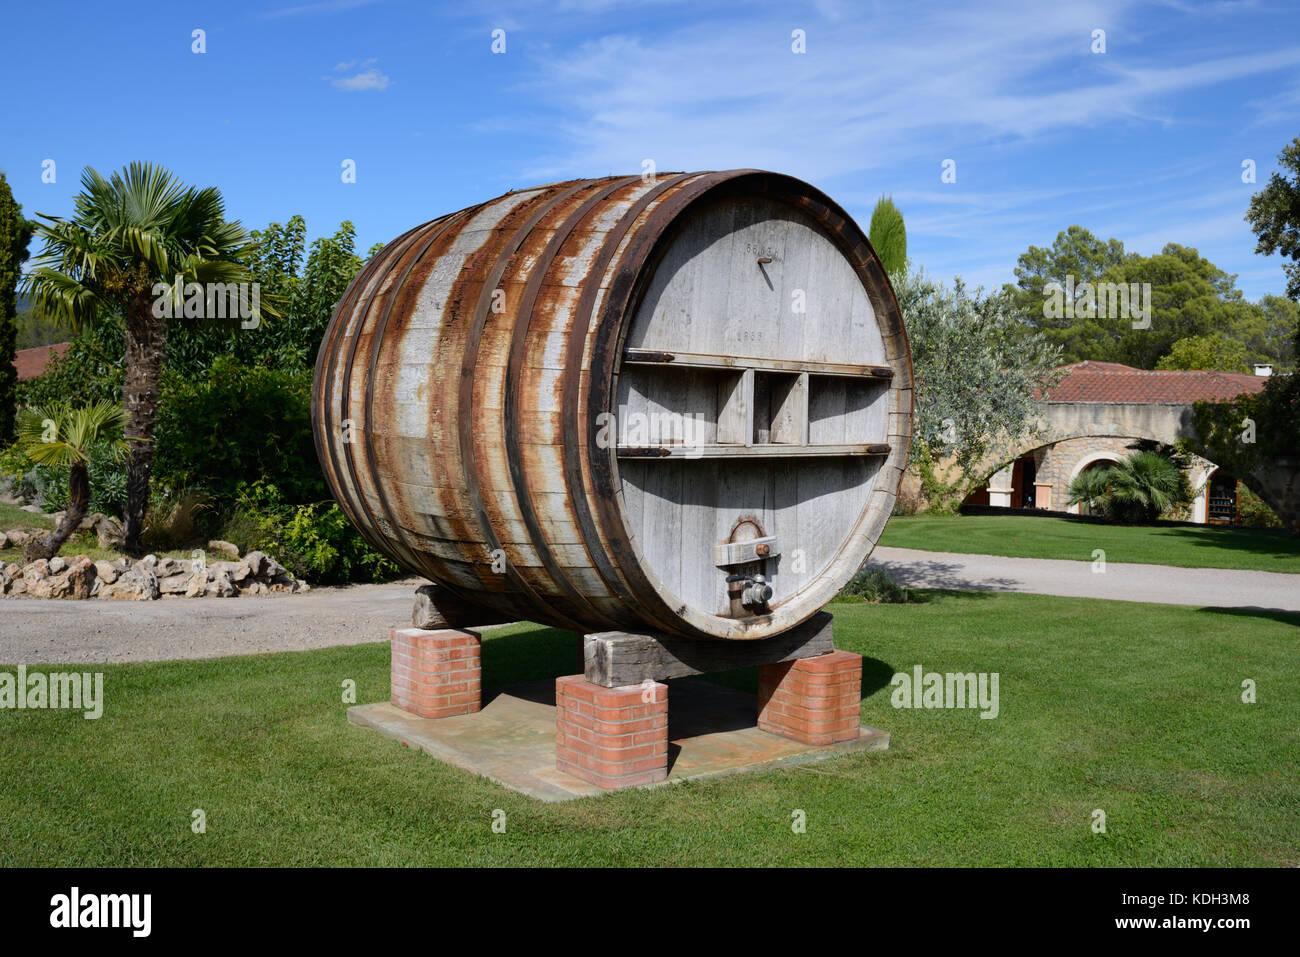 Giant Historical Wine Vat or Barrel (1856) Domaine de Berne Wine Estate, Lorgues, Var, Provence - Stock Image